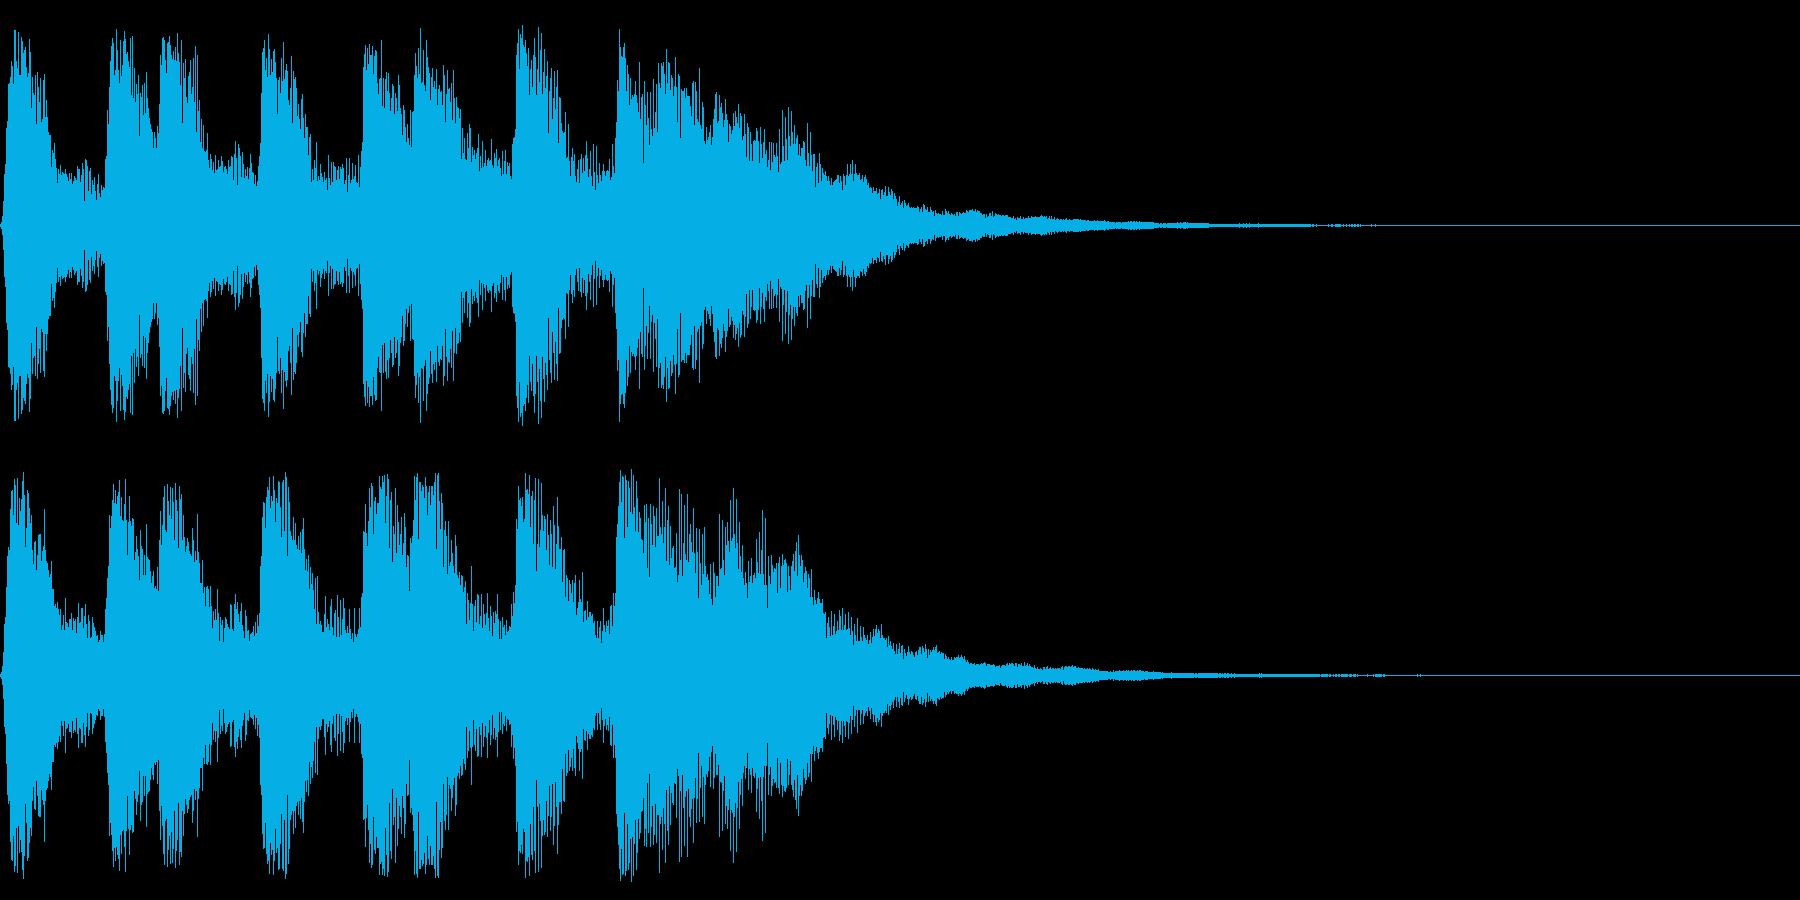 ゲームクリアのファンファーレ 勝利 栄光の再生済みの波形